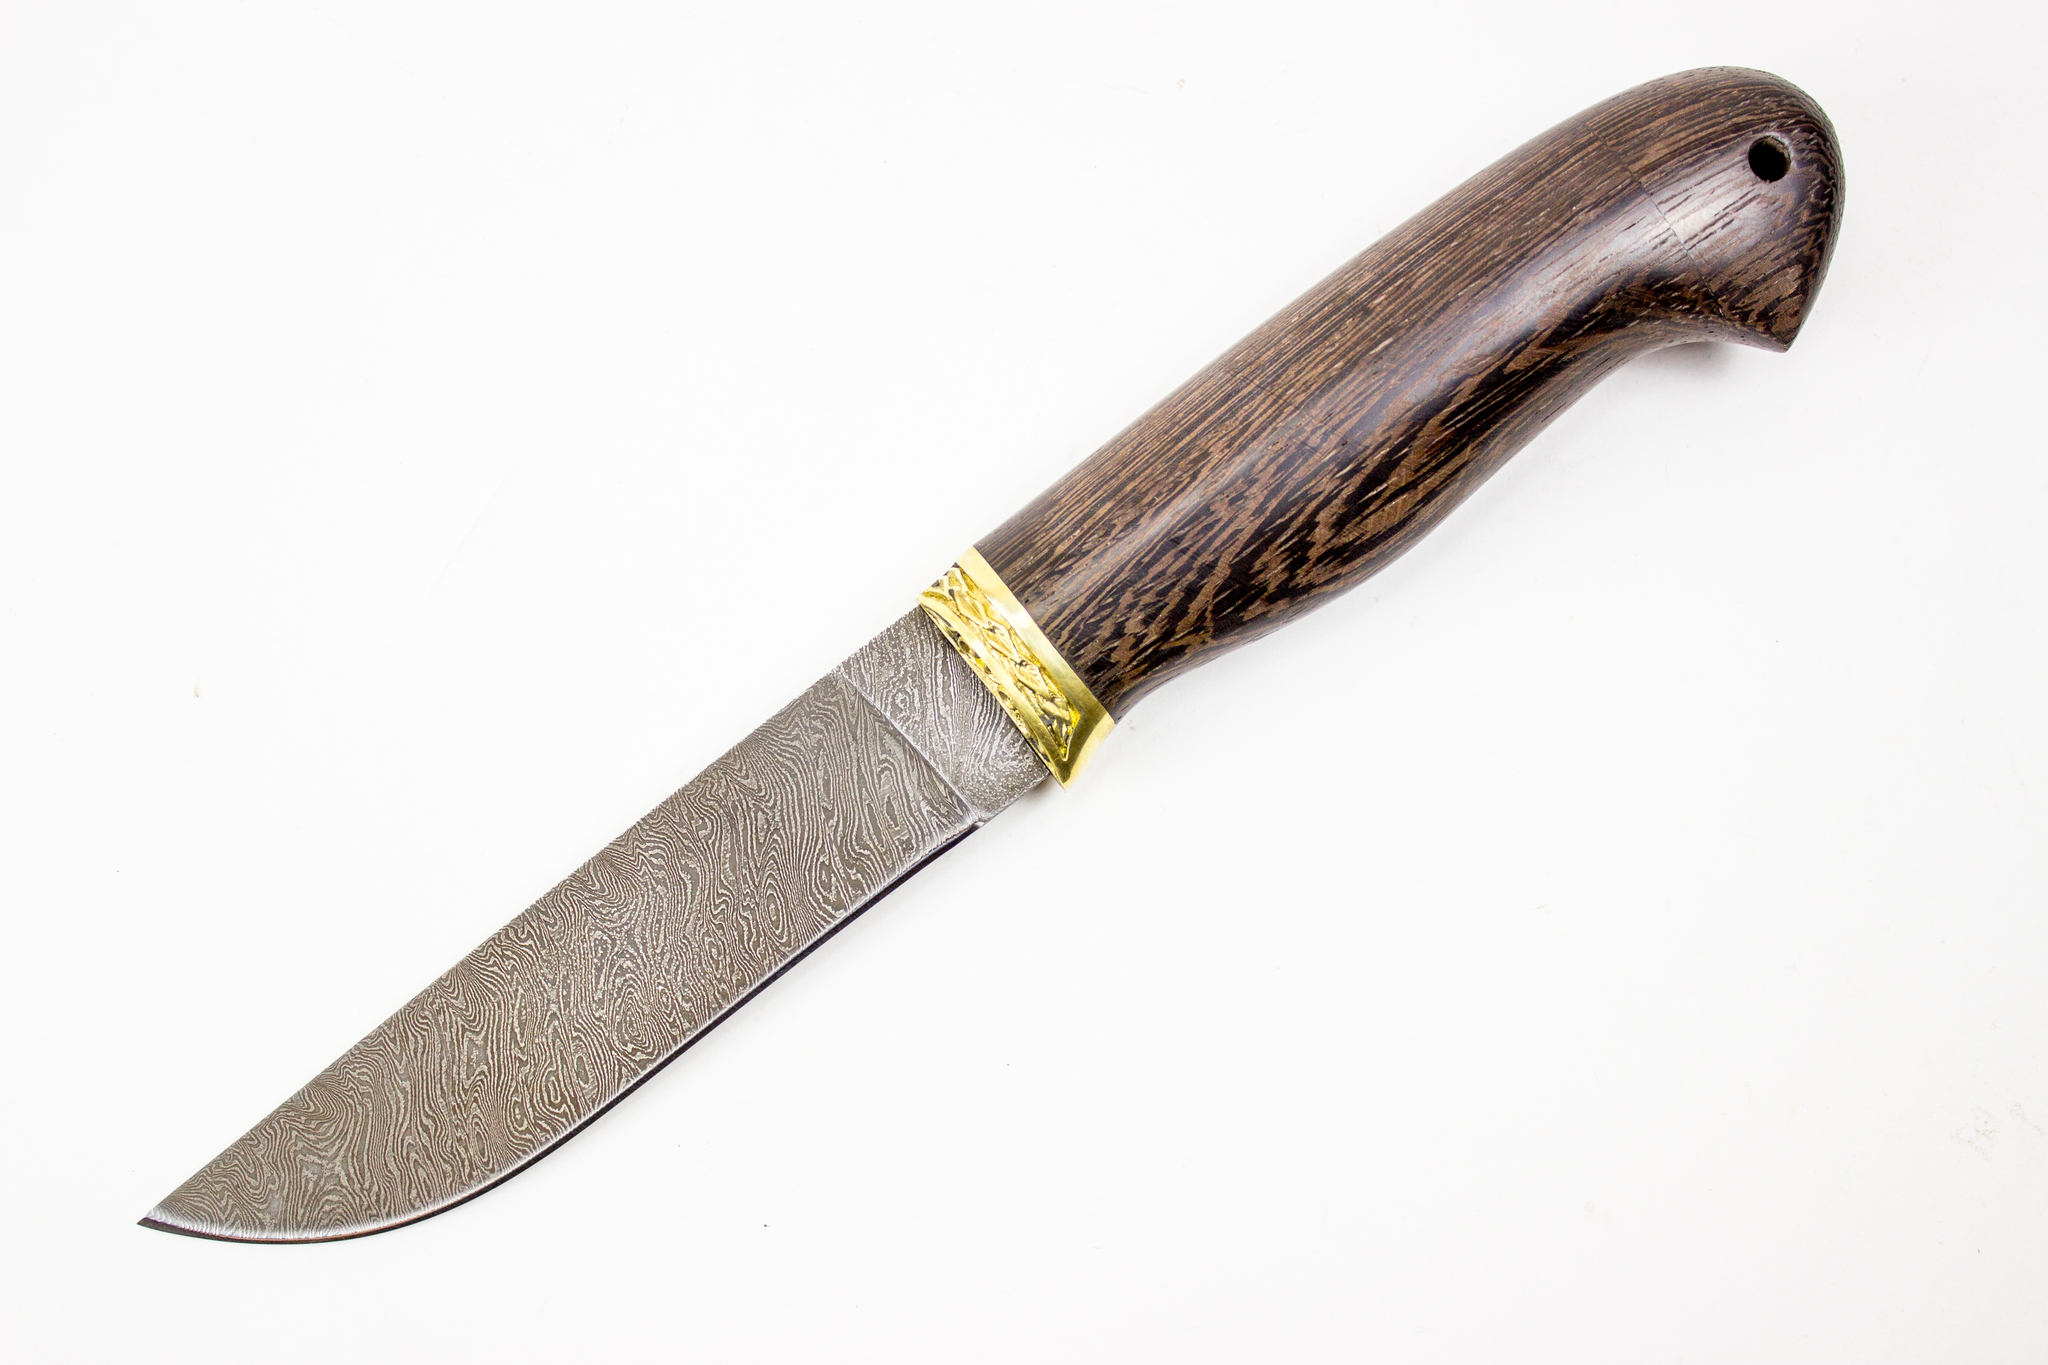 Кованый нож из дамаска «Финский»Ножи Ворсма<br>Нож финский.<br>Характеристики:Сталь -дамаскРукоять - ВенгеОбщая длина, мм - 240Длина клинка, мм - 120Ширина клинка, мм - 25Толщина клинка, мм - 3,4Длина рукояти, мм - 120Толщина рукояти, мм - 29Твёрдость клинка, HRC - 60<br>